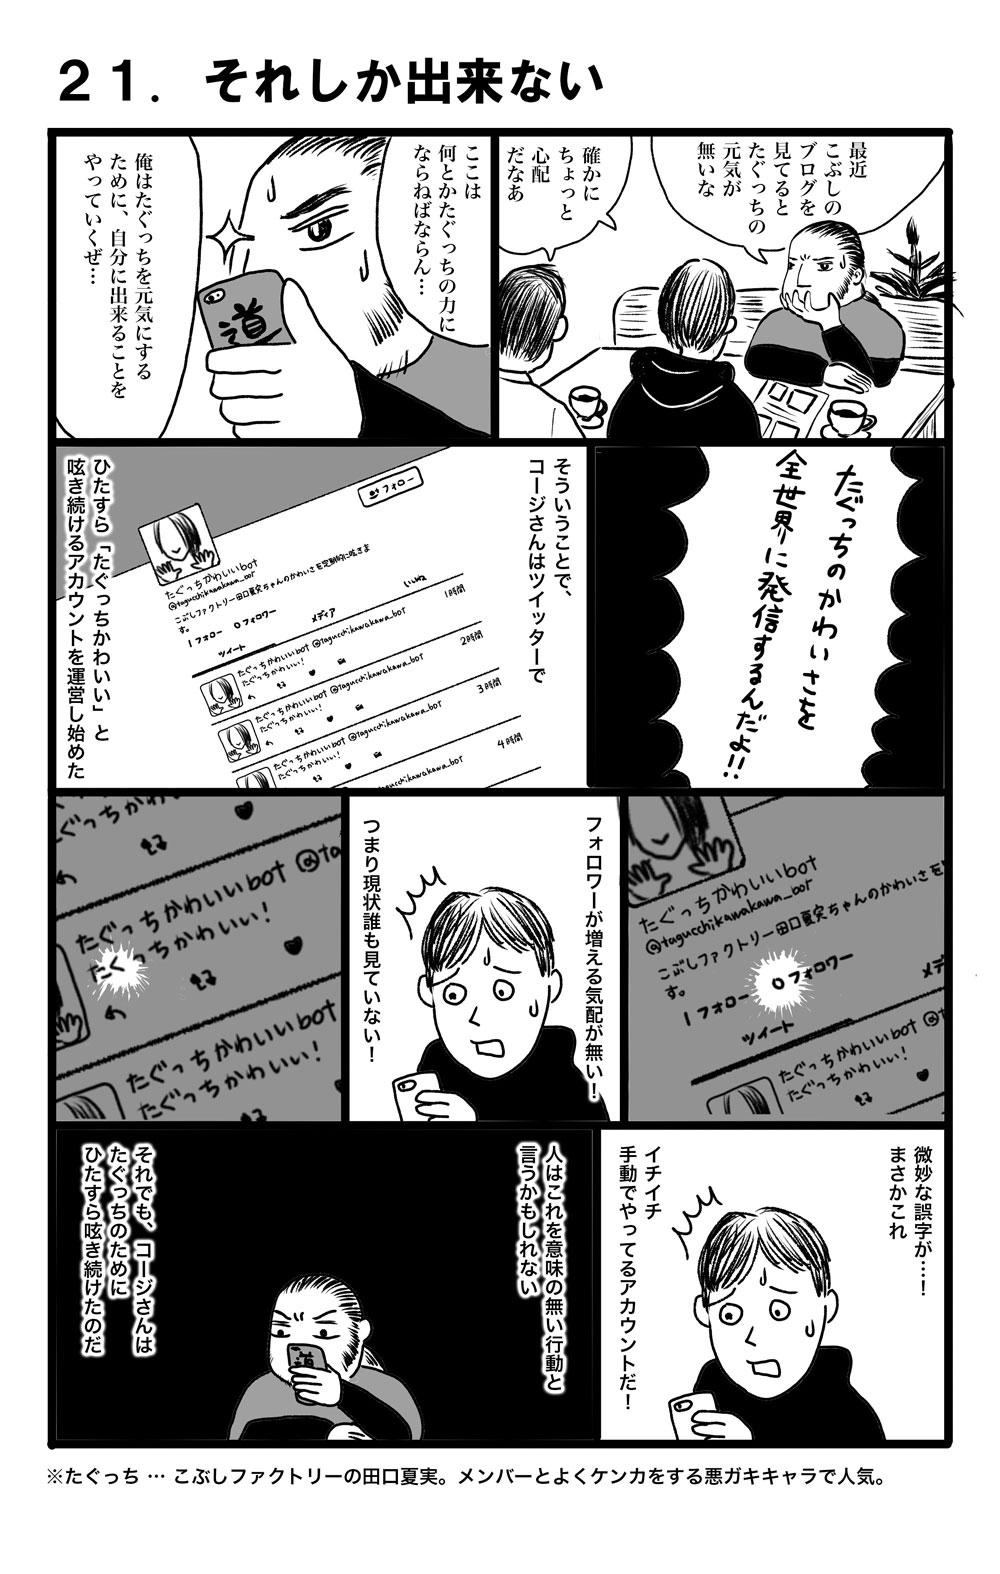 tsurugi-mikito-021